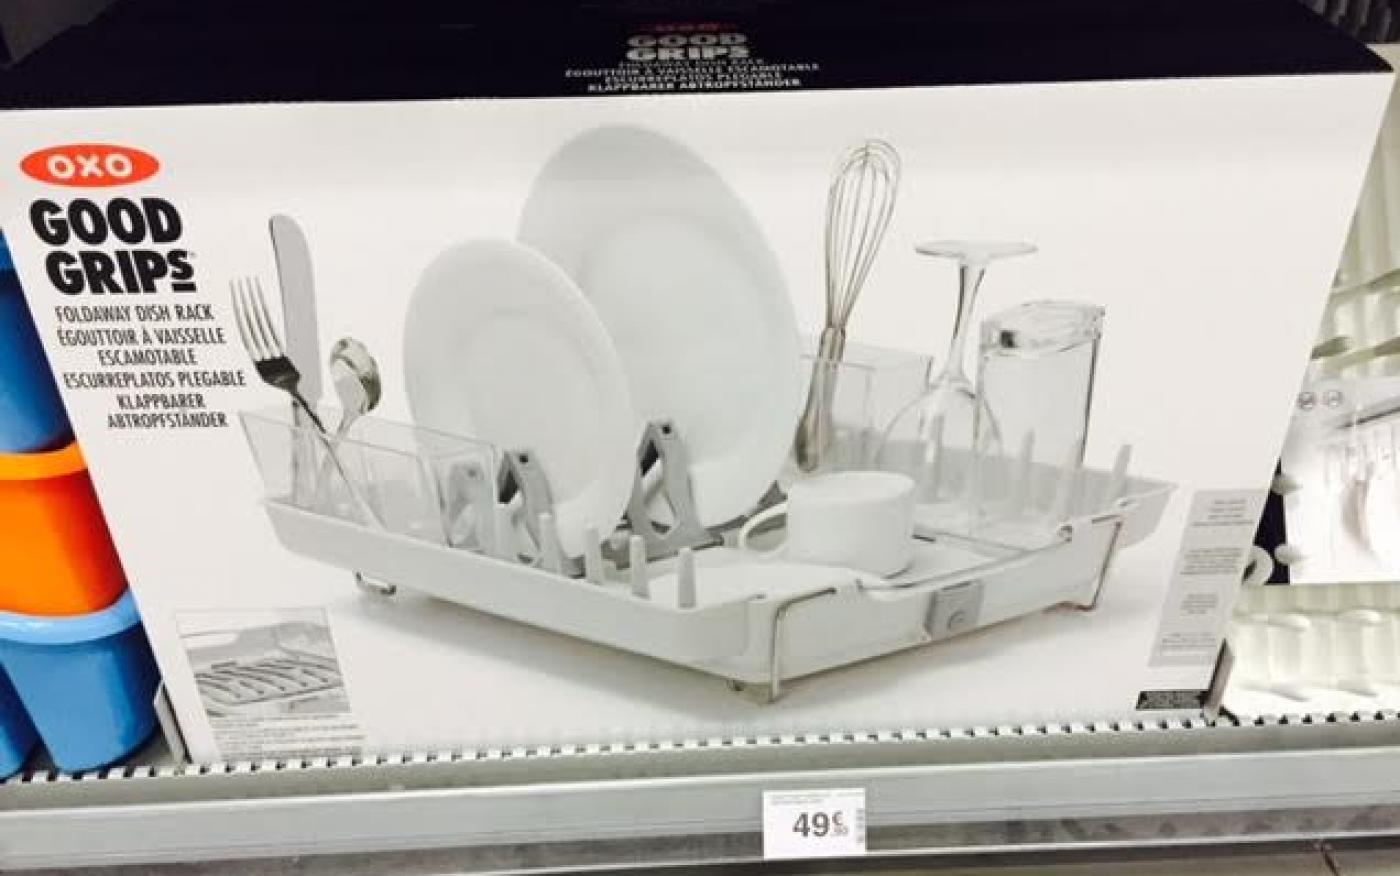 J'ai testé pour vous l'égouttoir vaisselle rétractable OXO